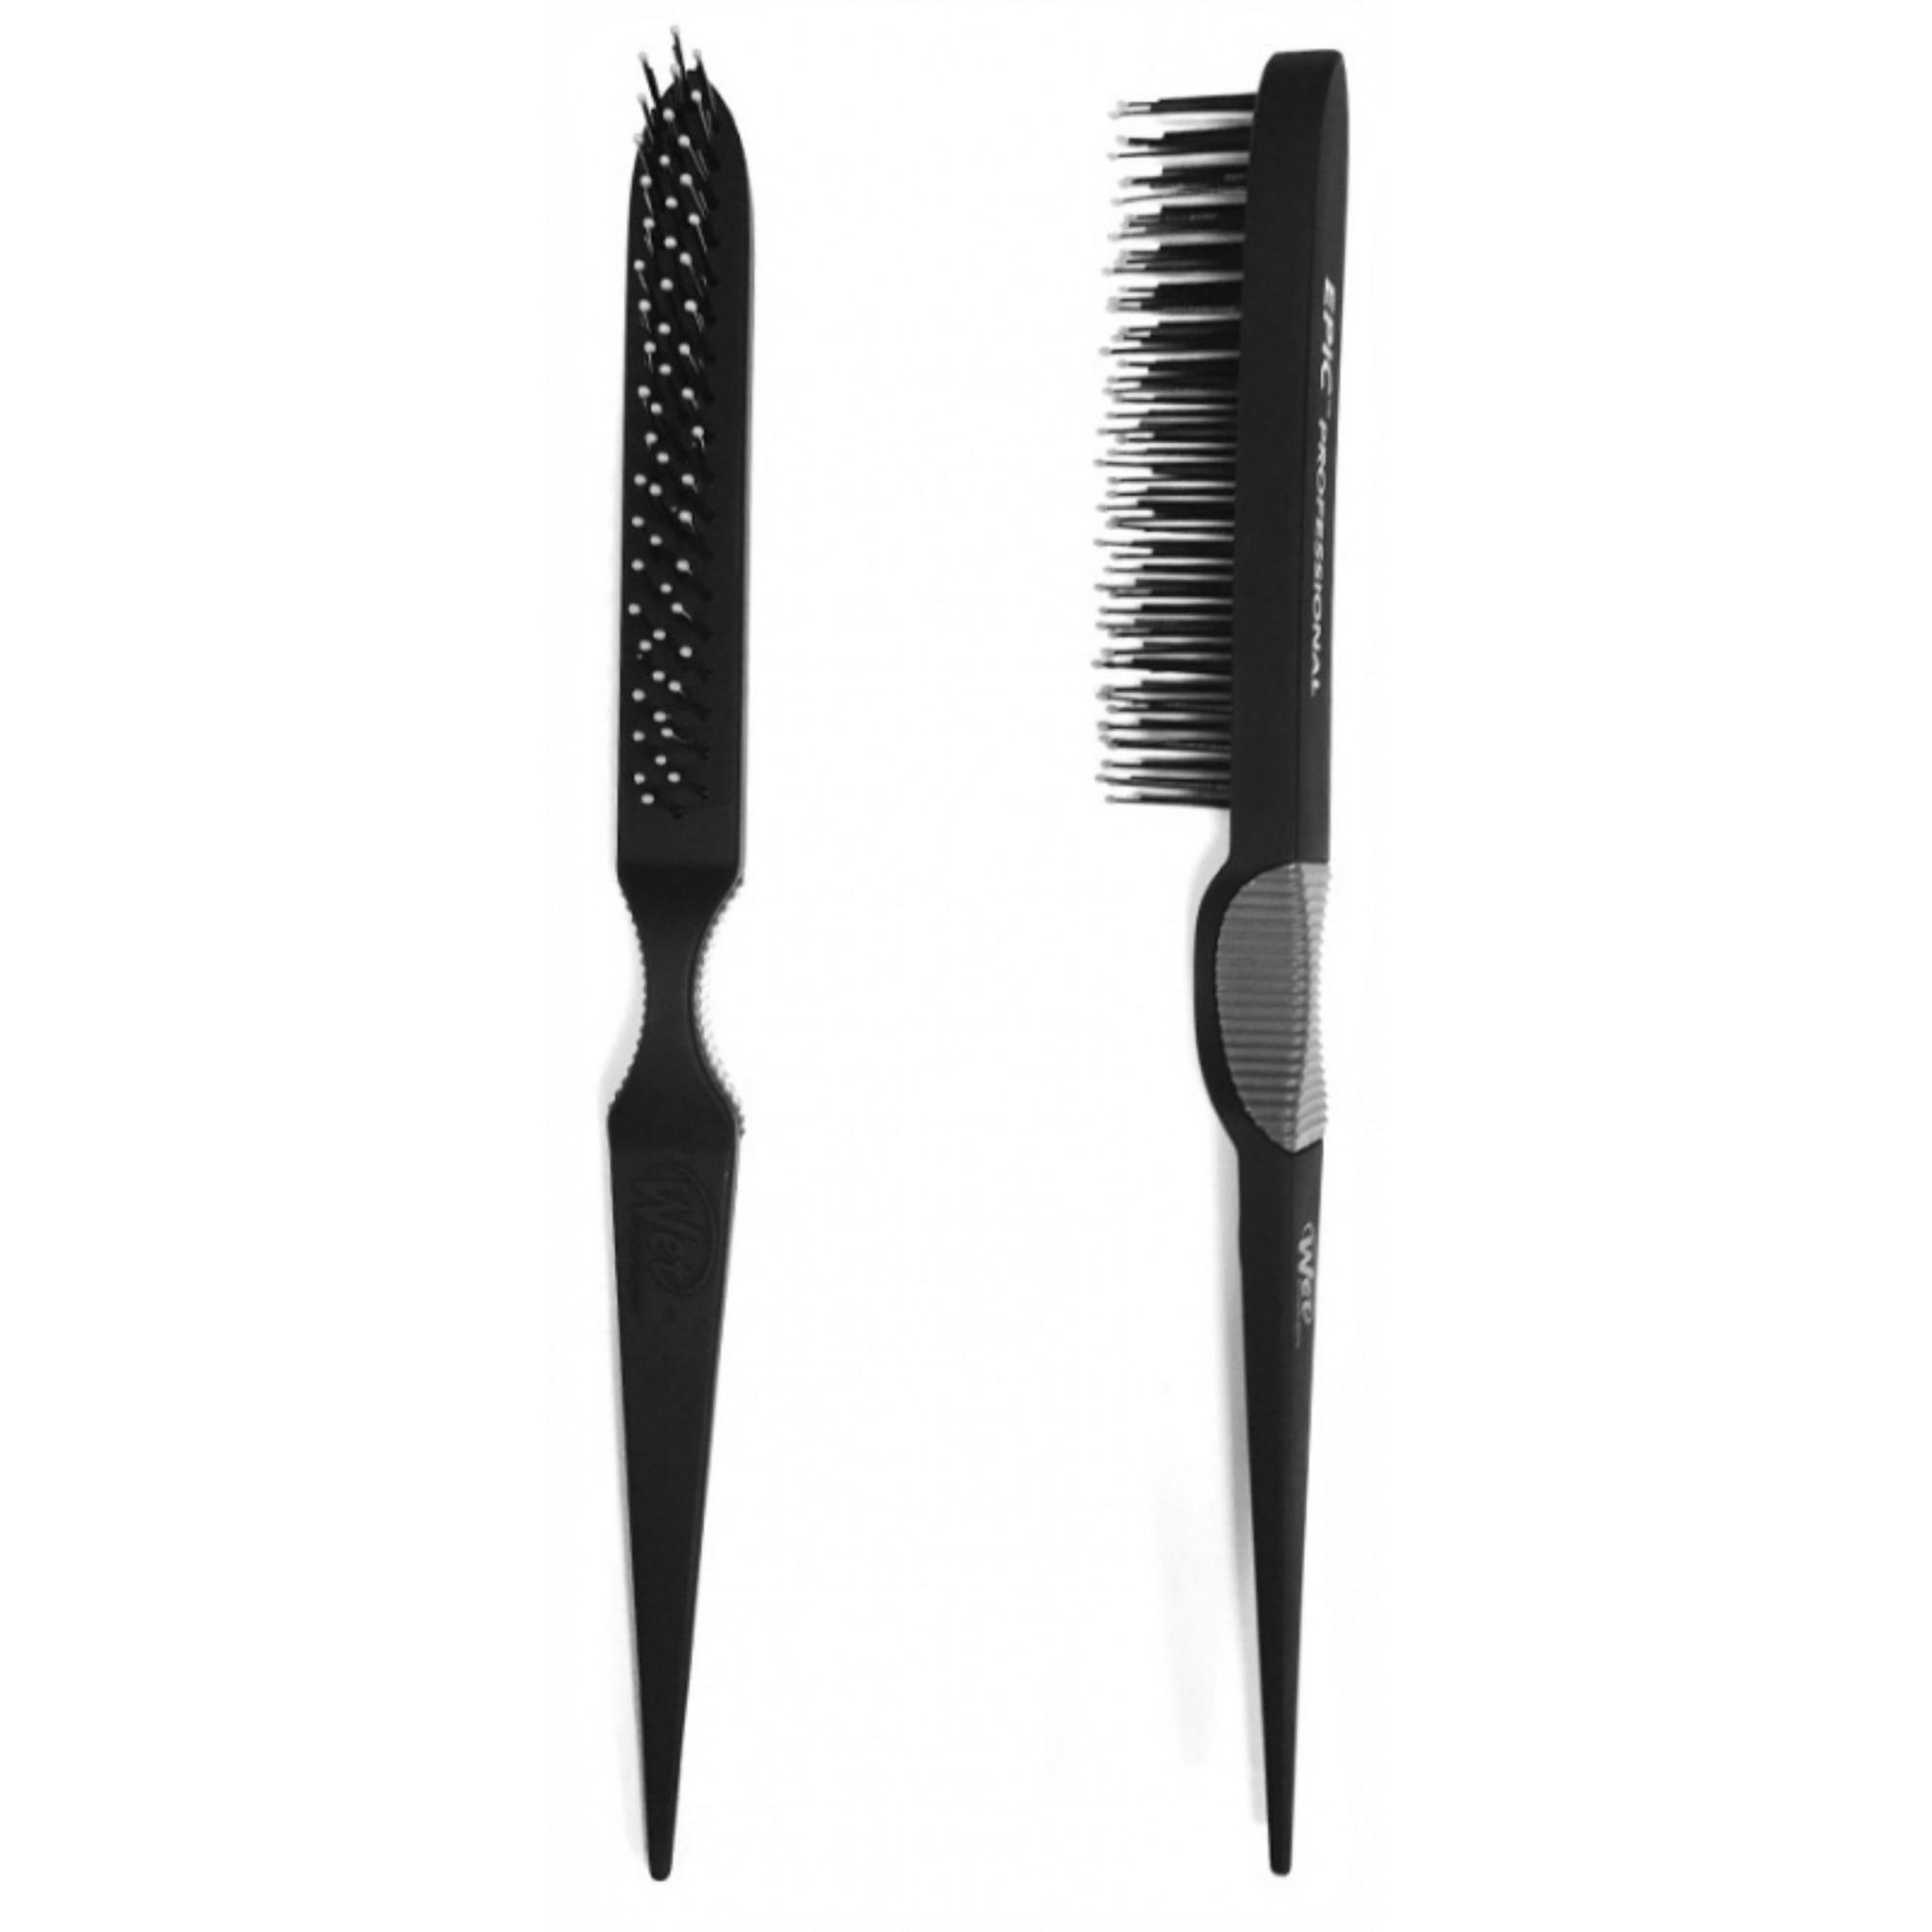 Escova de cabelo Wet Brush Pro - Epic Profissional Teasing